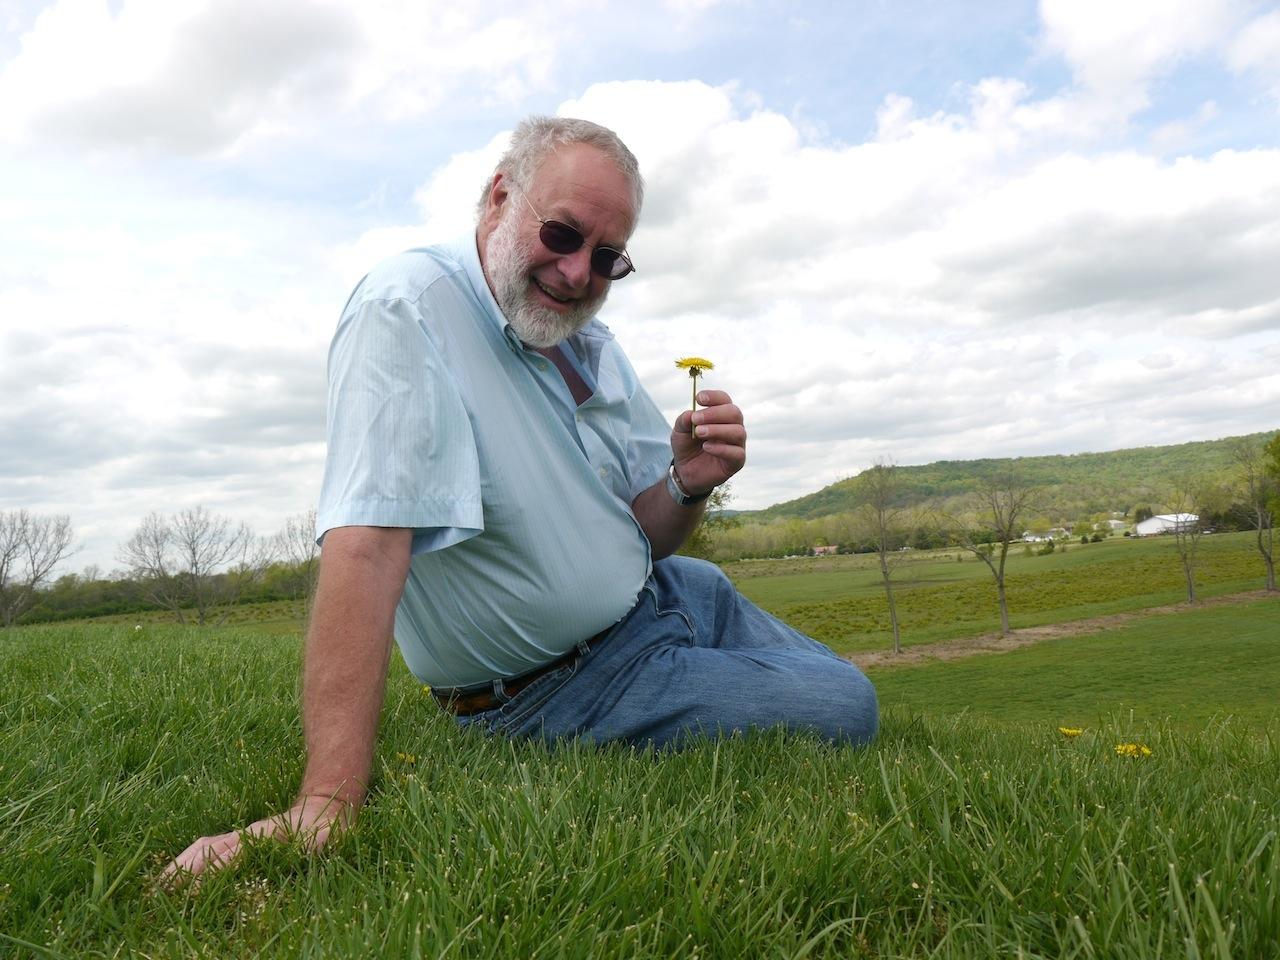 He even enjoyed dandelions